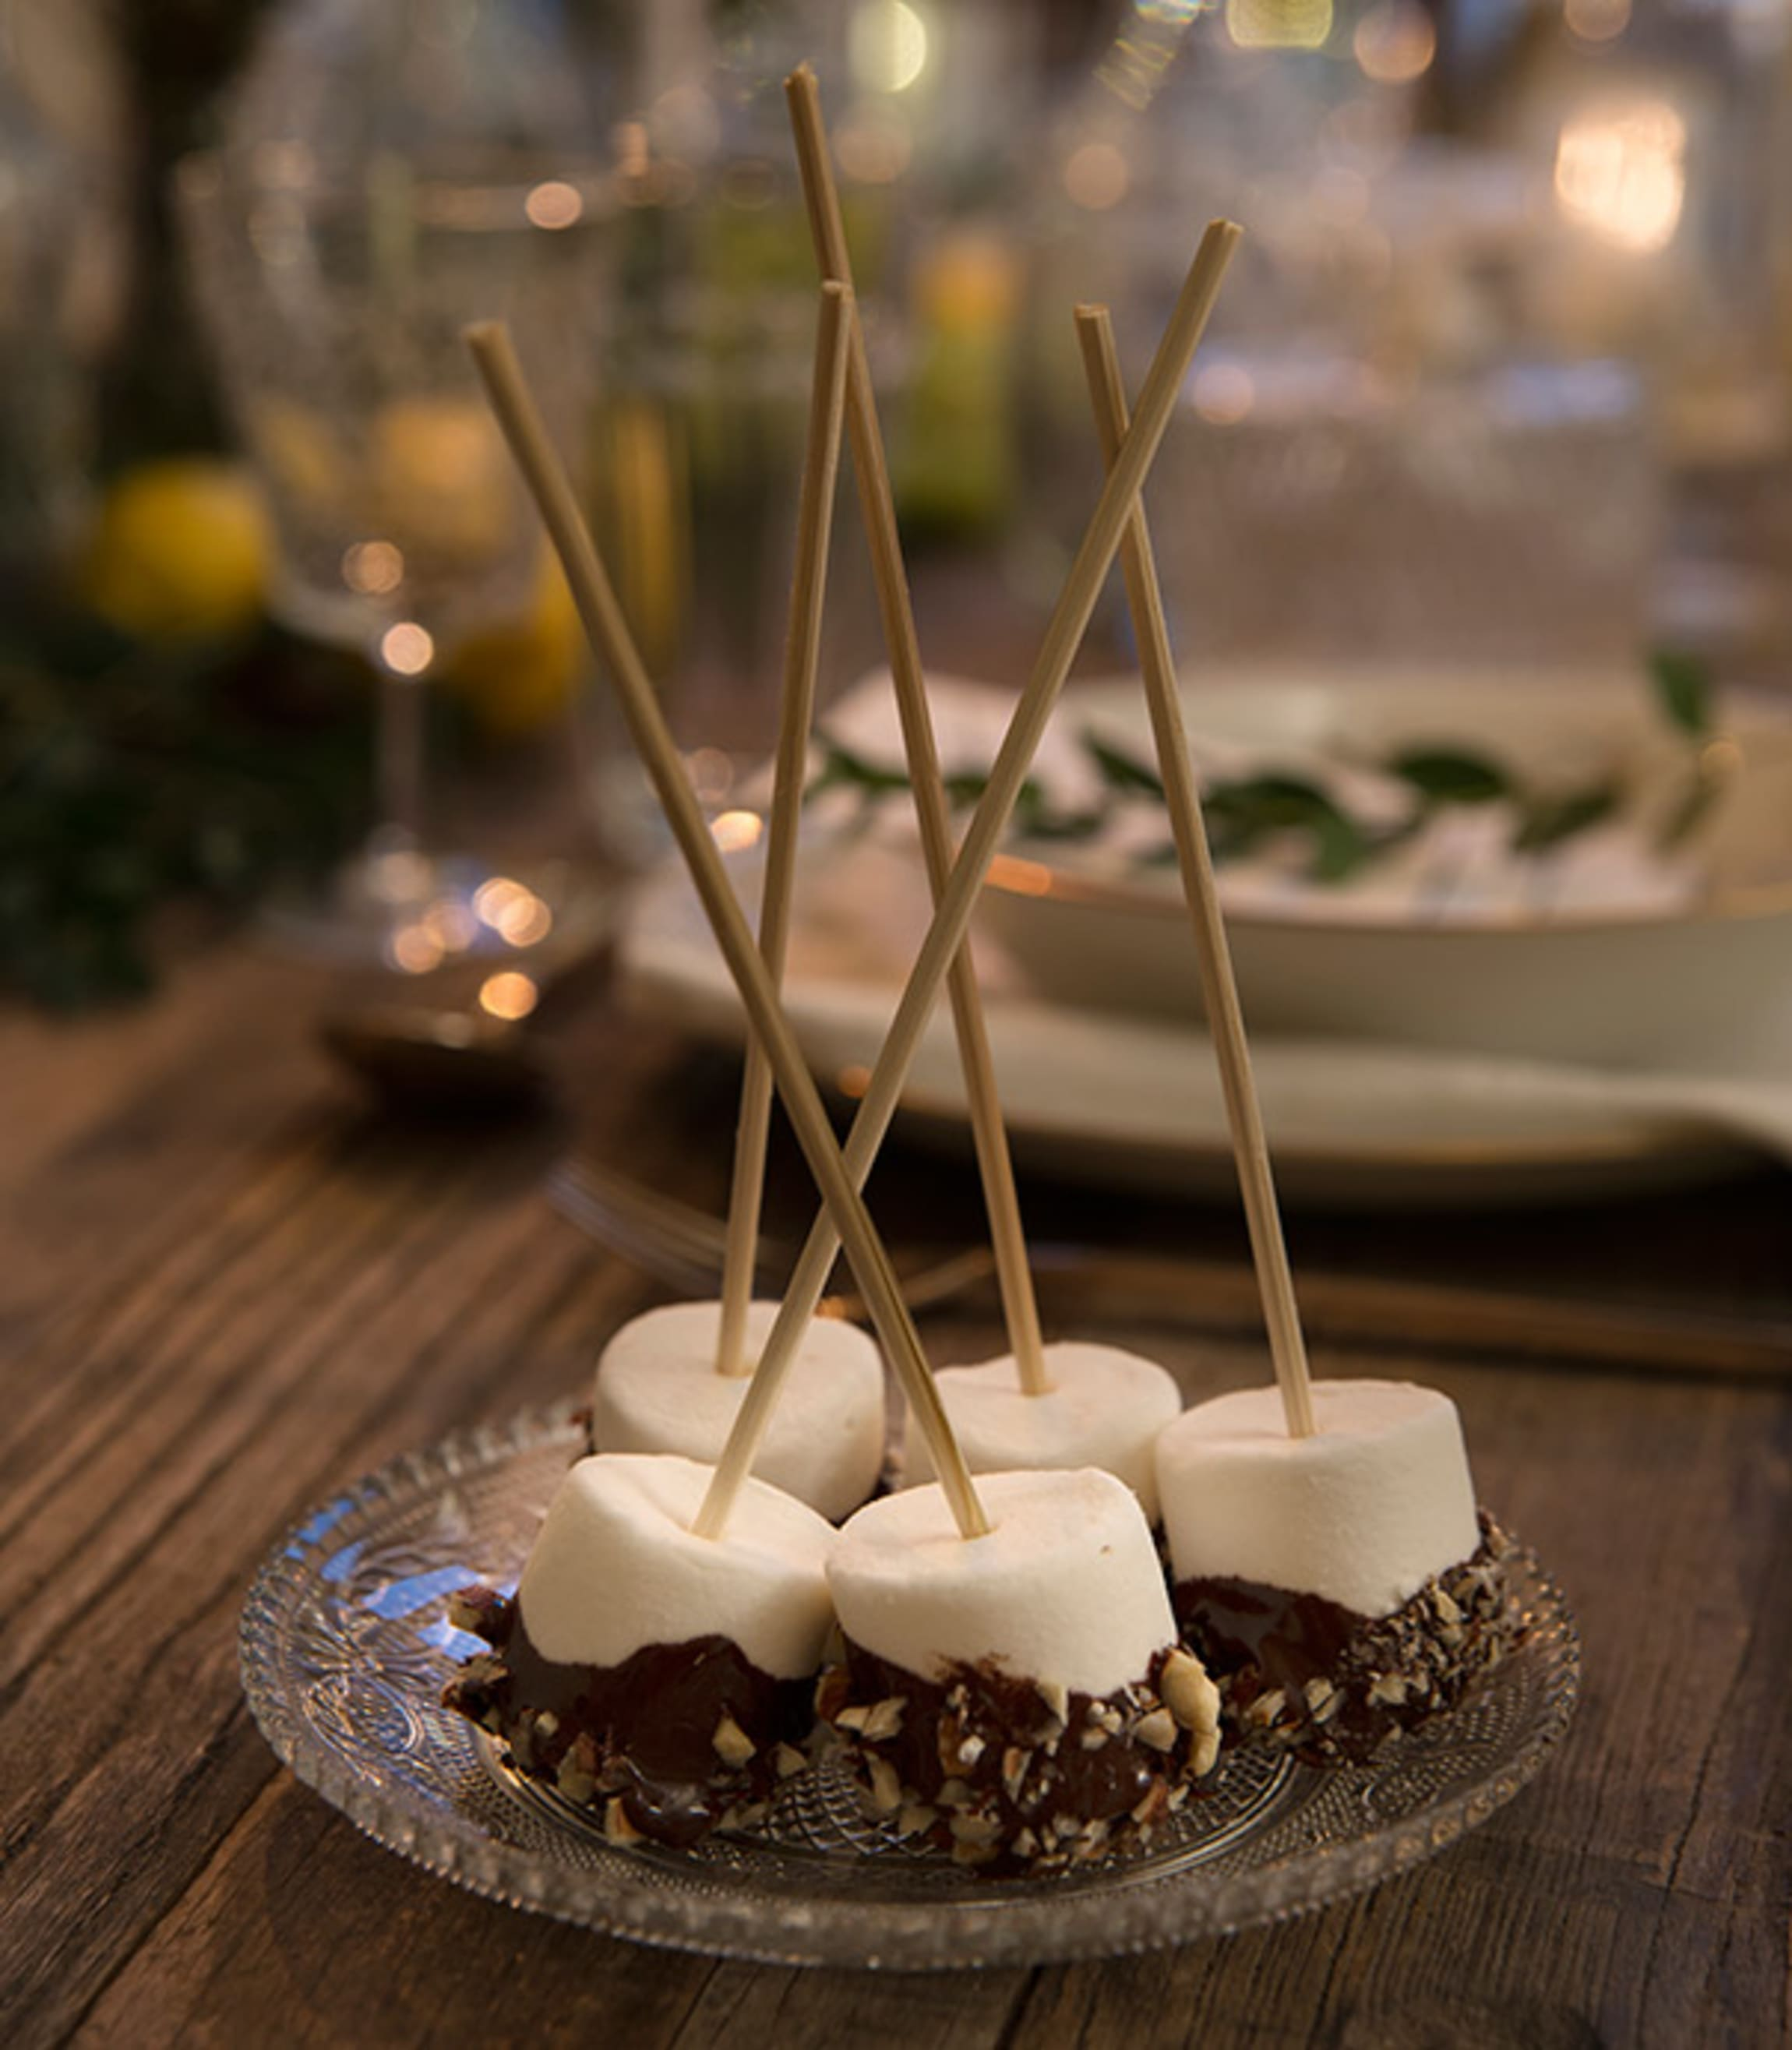 Marshmallows dyppet i sjokolade og nøtter